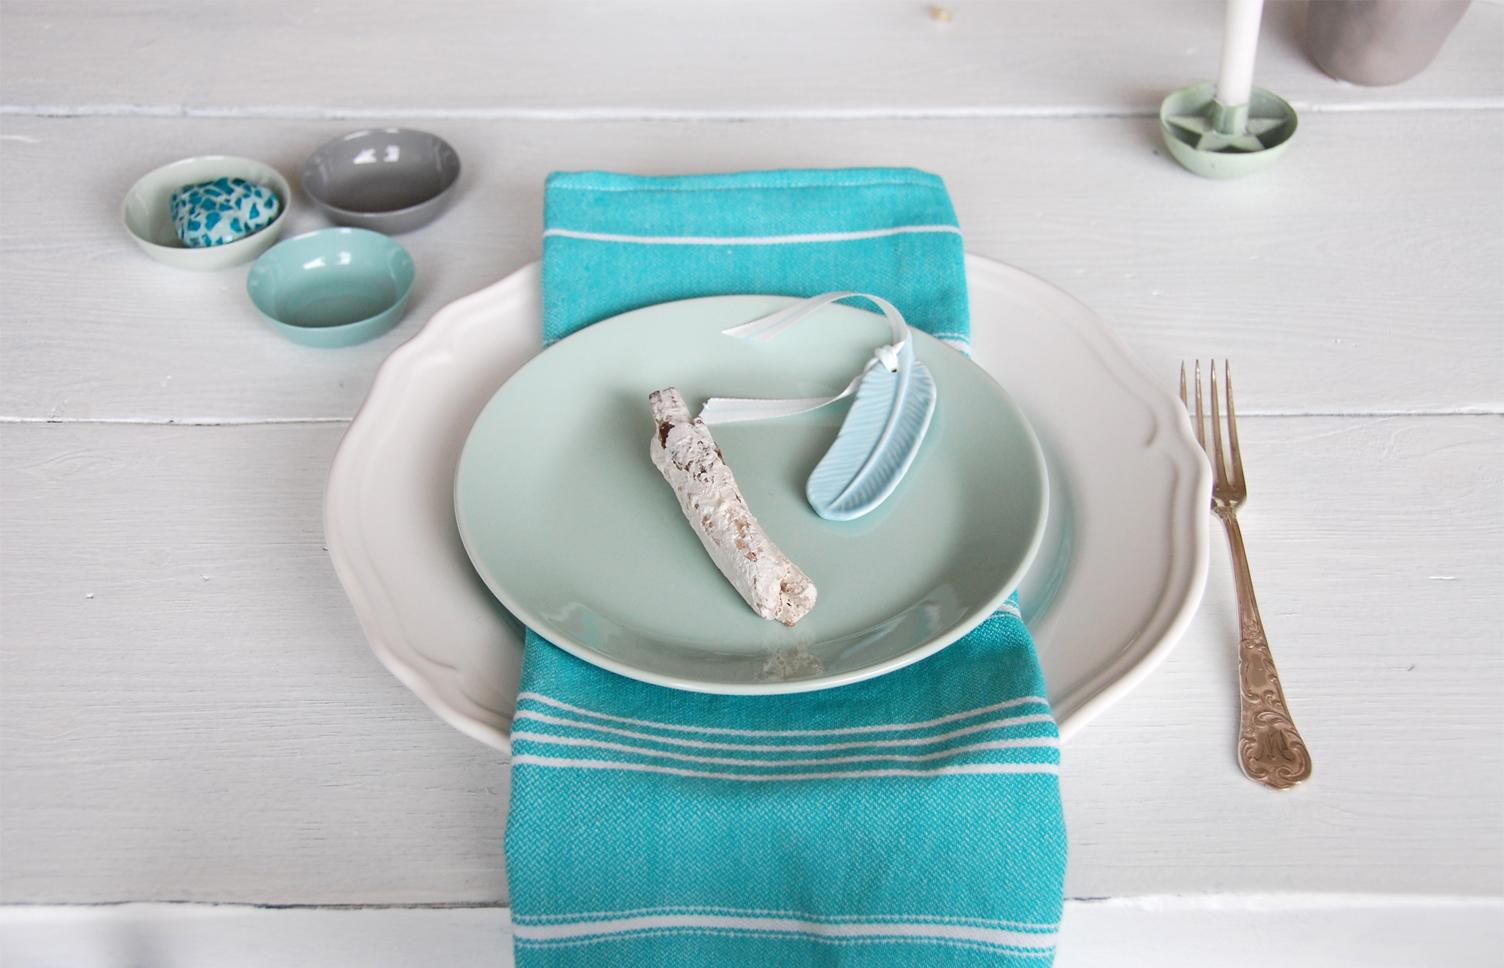 Tischdeko  in Aquafarben